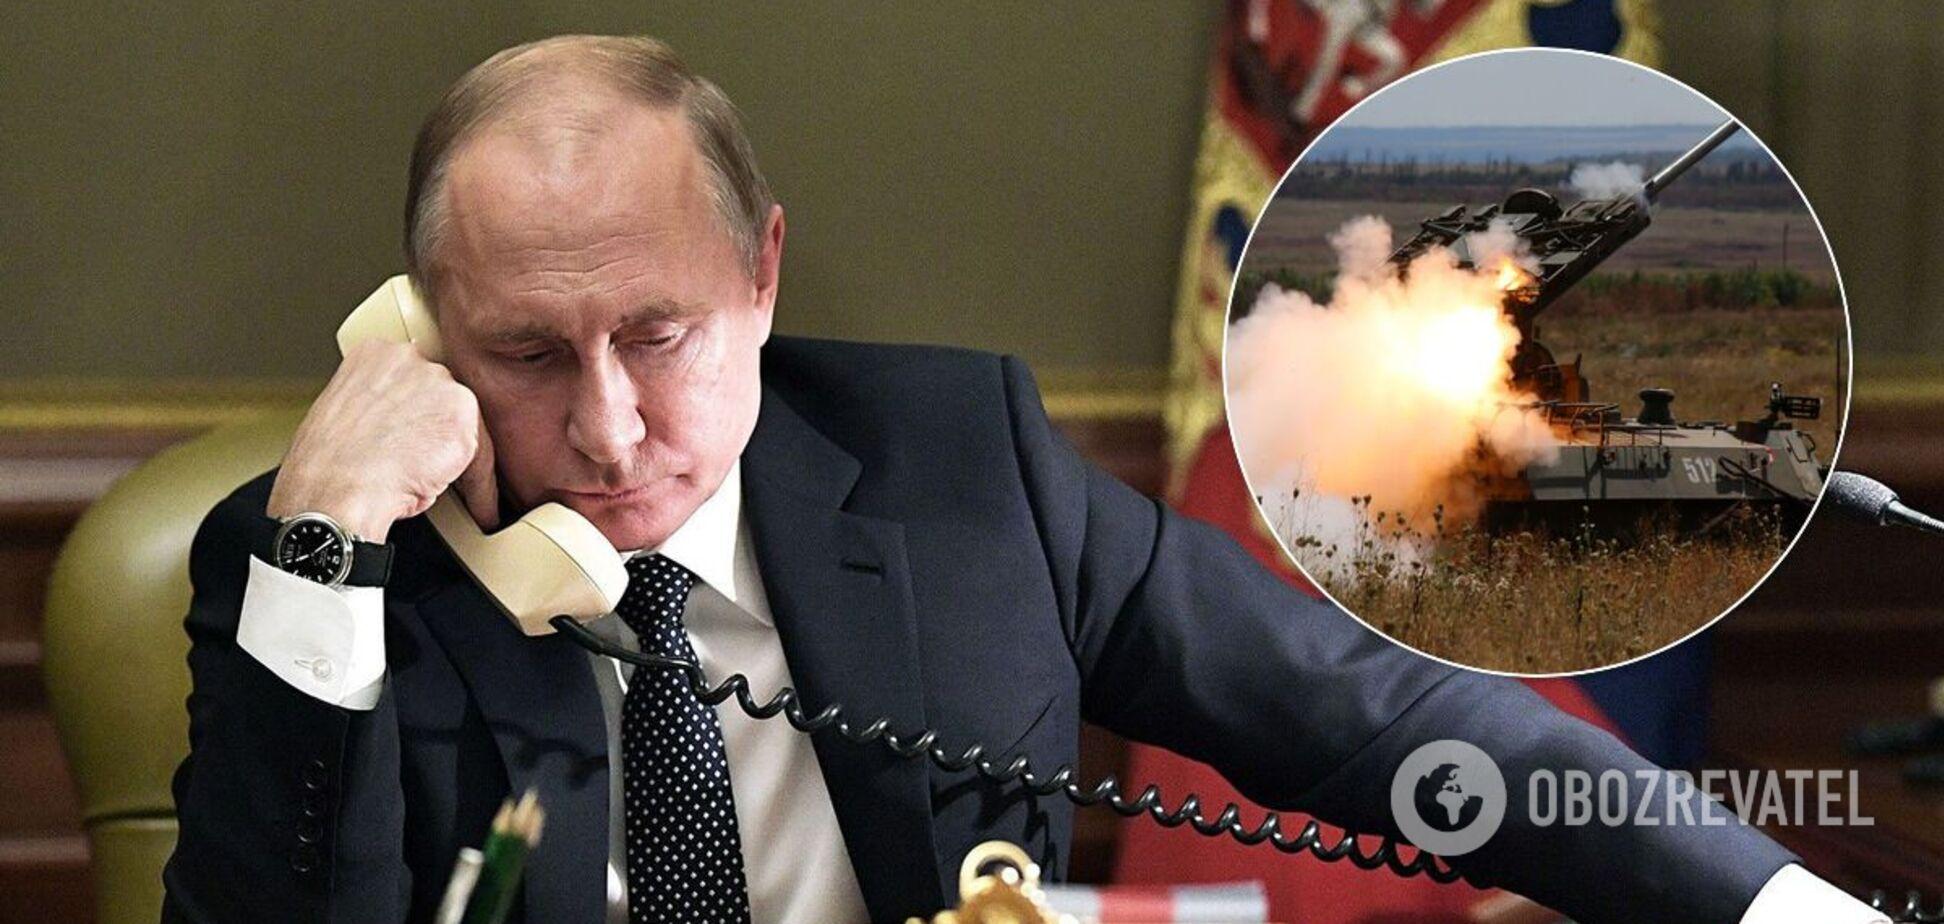 Україна повинна сказати правду, Кремль буде в істериці